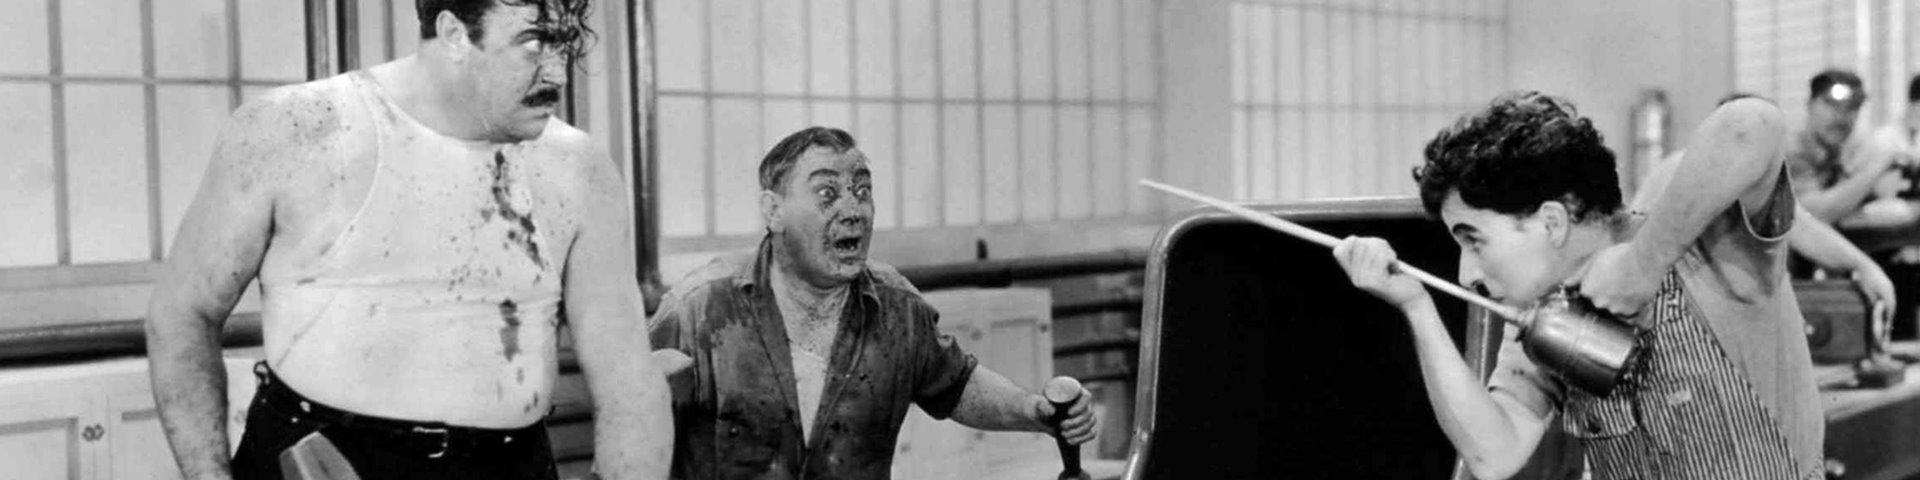 """""""Tiempos modernos"""" (1936) de Charles Chaplin"""